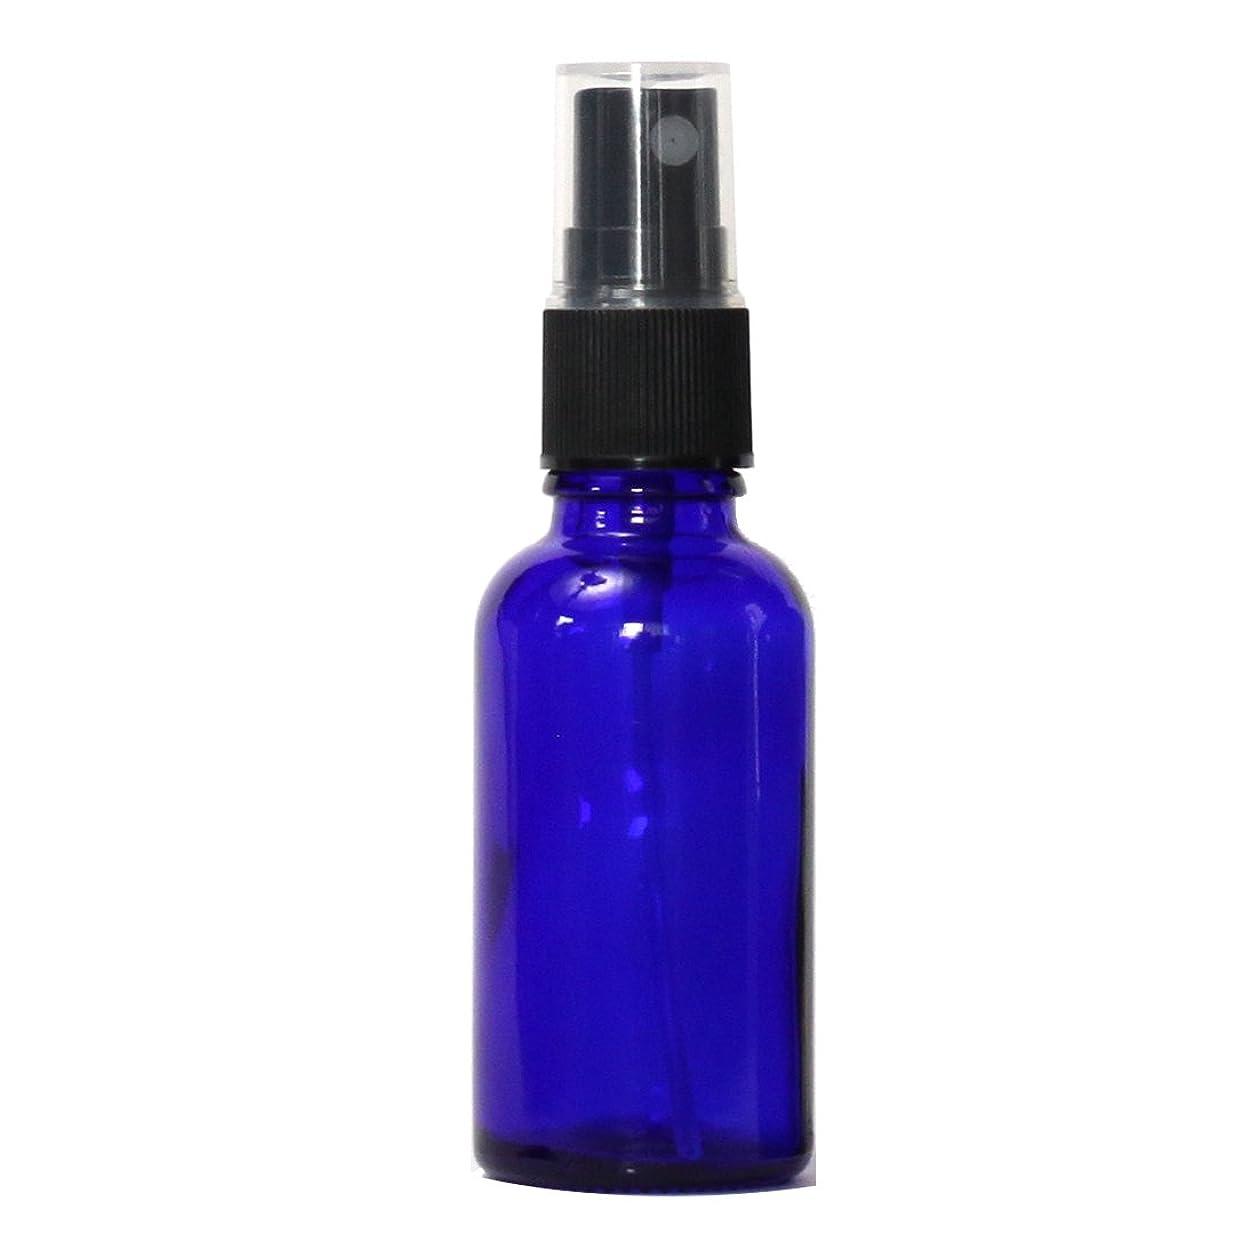 イライラする画面友だちスプレーガラス瓶ボトル 30mL 遮光性ブルー おしゃれガラスアトマイザー 空容器